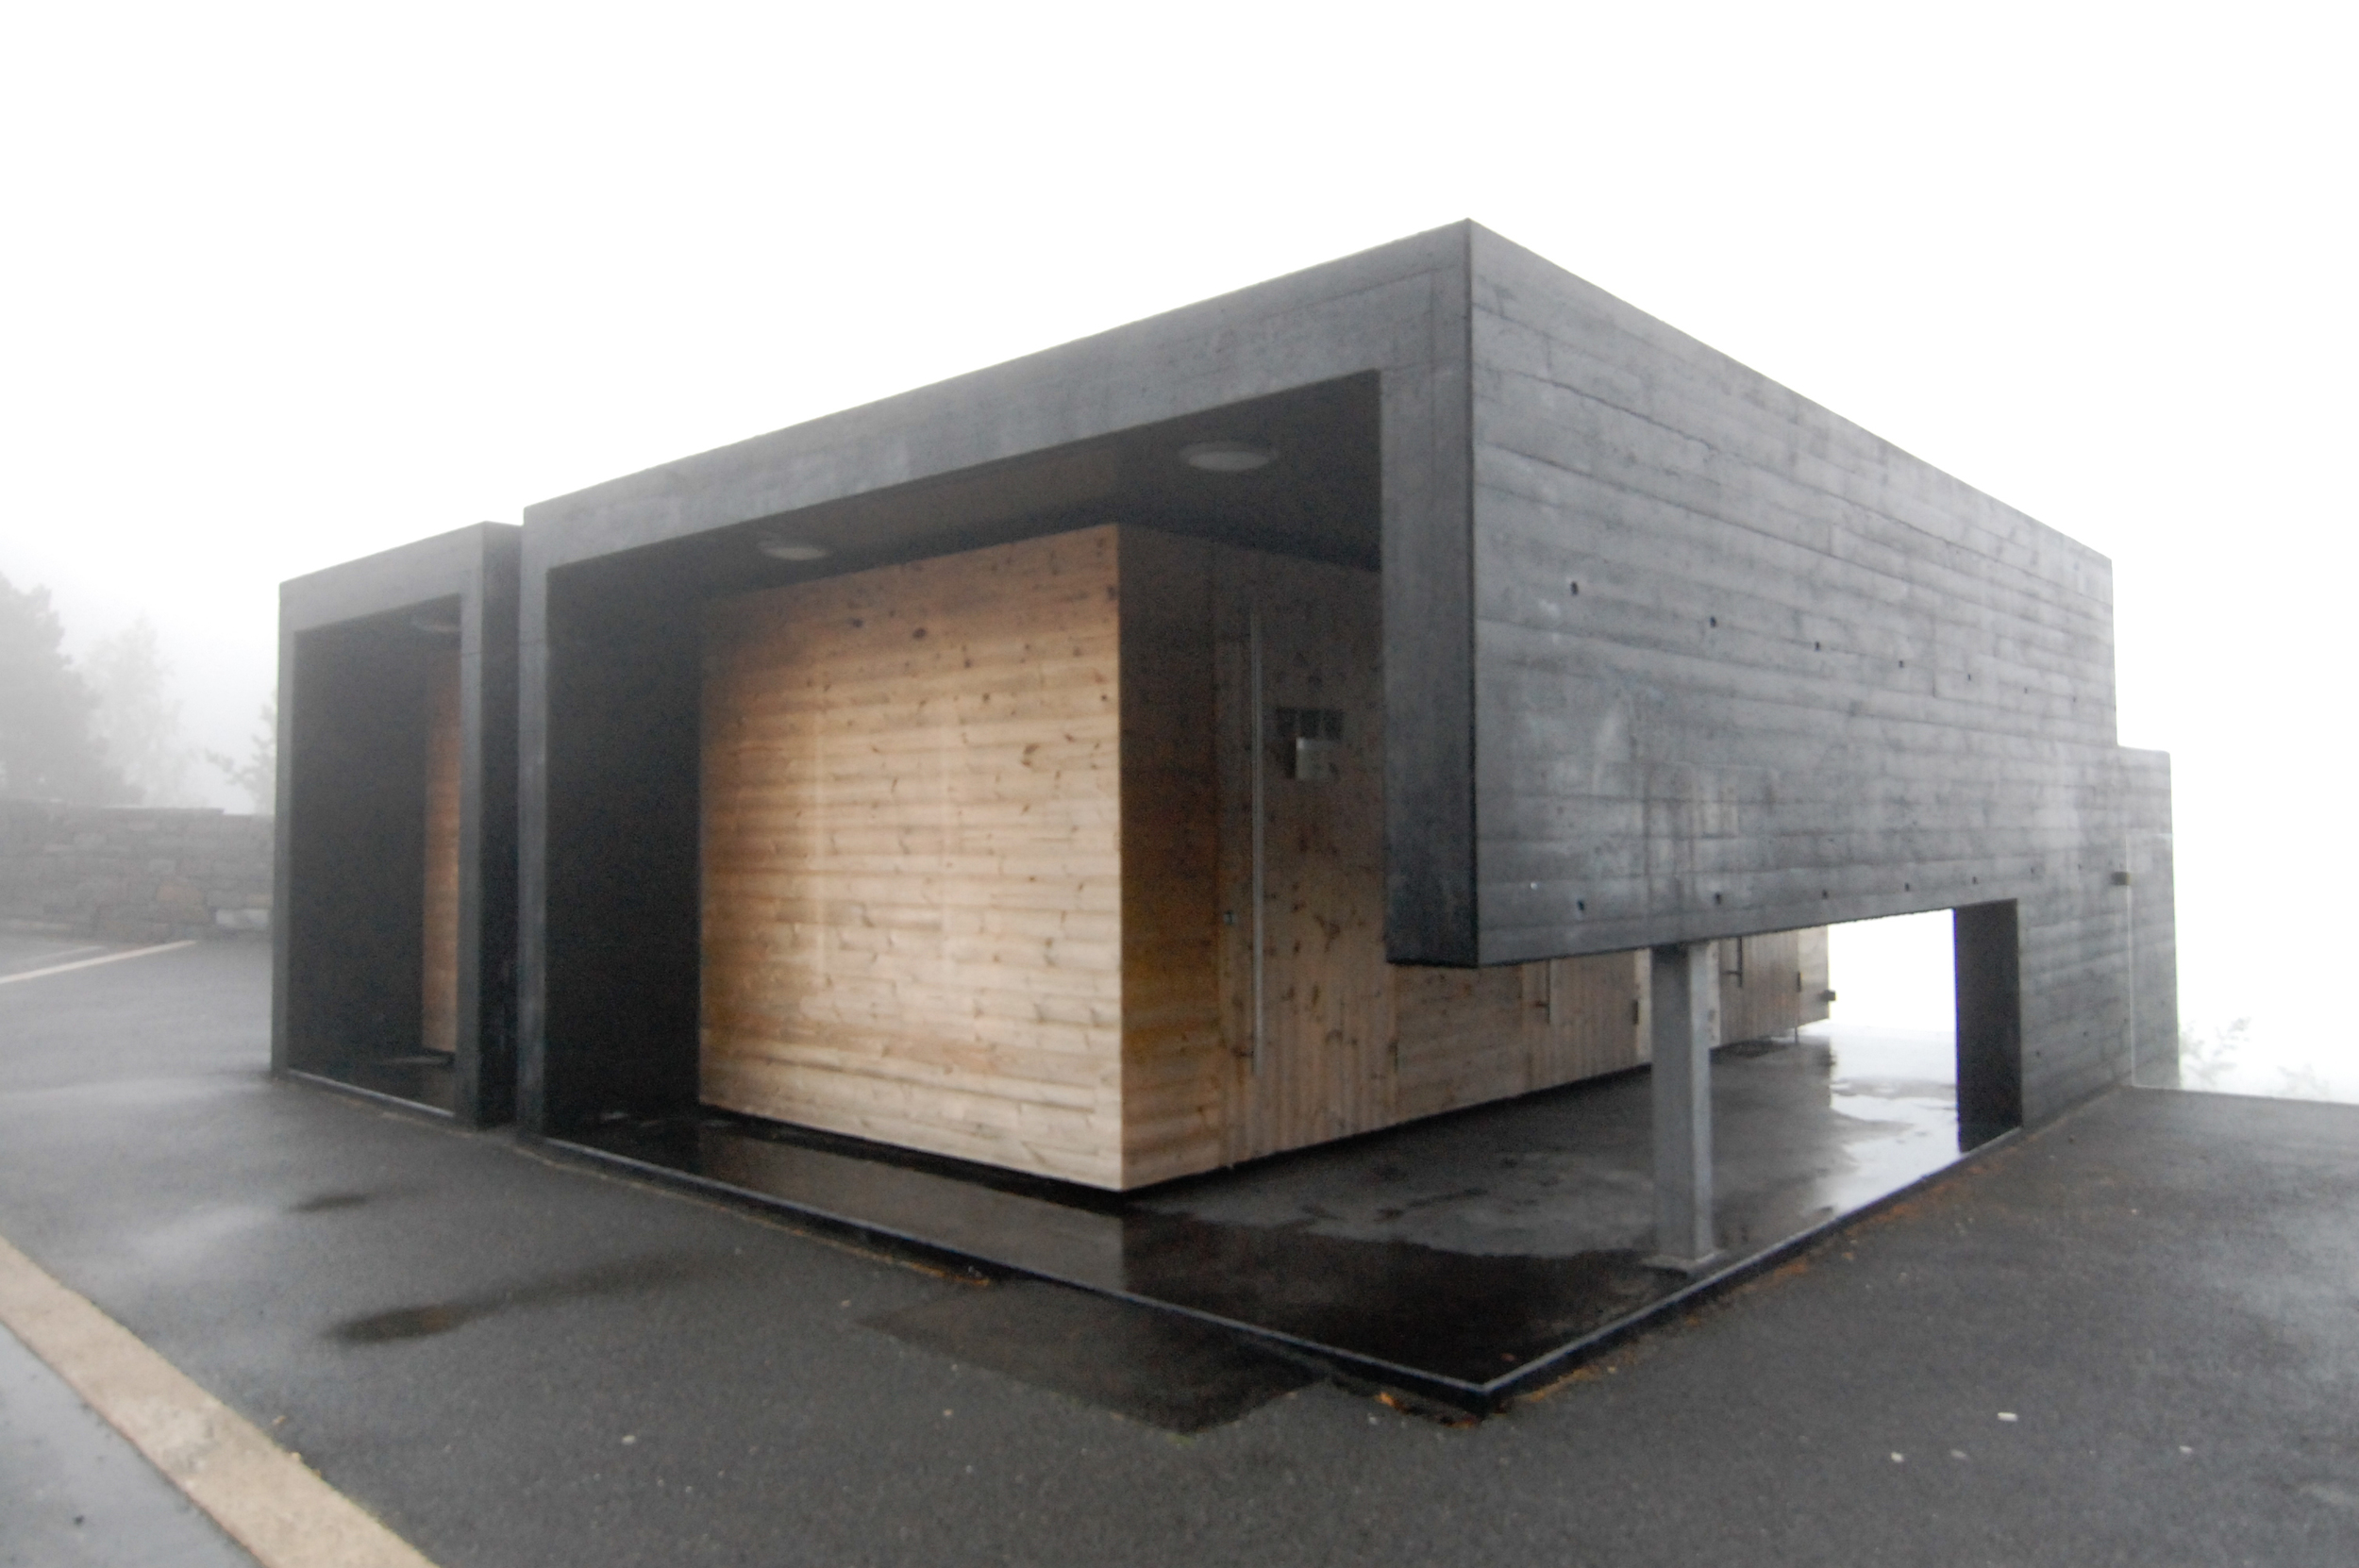 aurland-toilets_5917619174_o.jpg